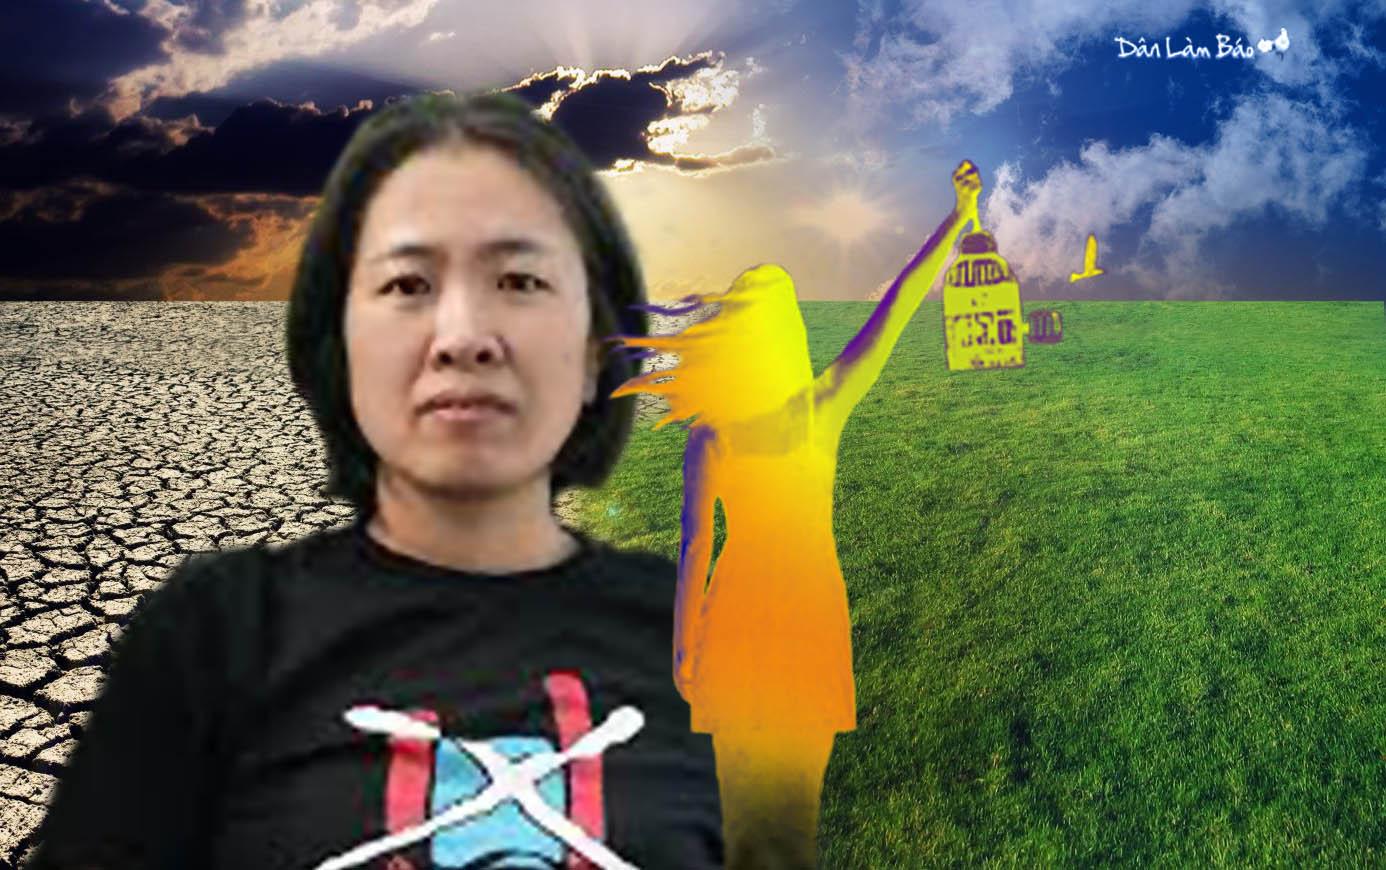 Mẹ Nấm: (Cộng sản) Việt Nam đã bắt giữ blogger nổi tiếng nhất như thế nào